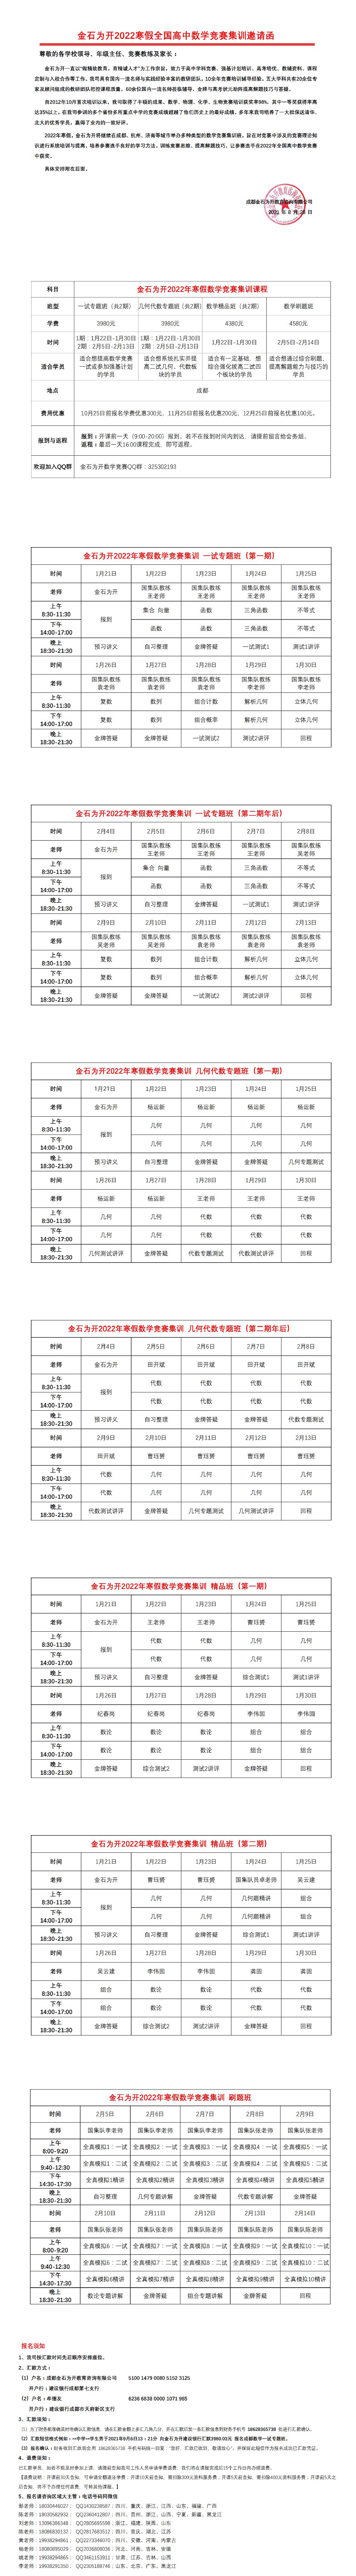 (成都数学)金石为开2022寒假竞赛集训邀请函_00.png